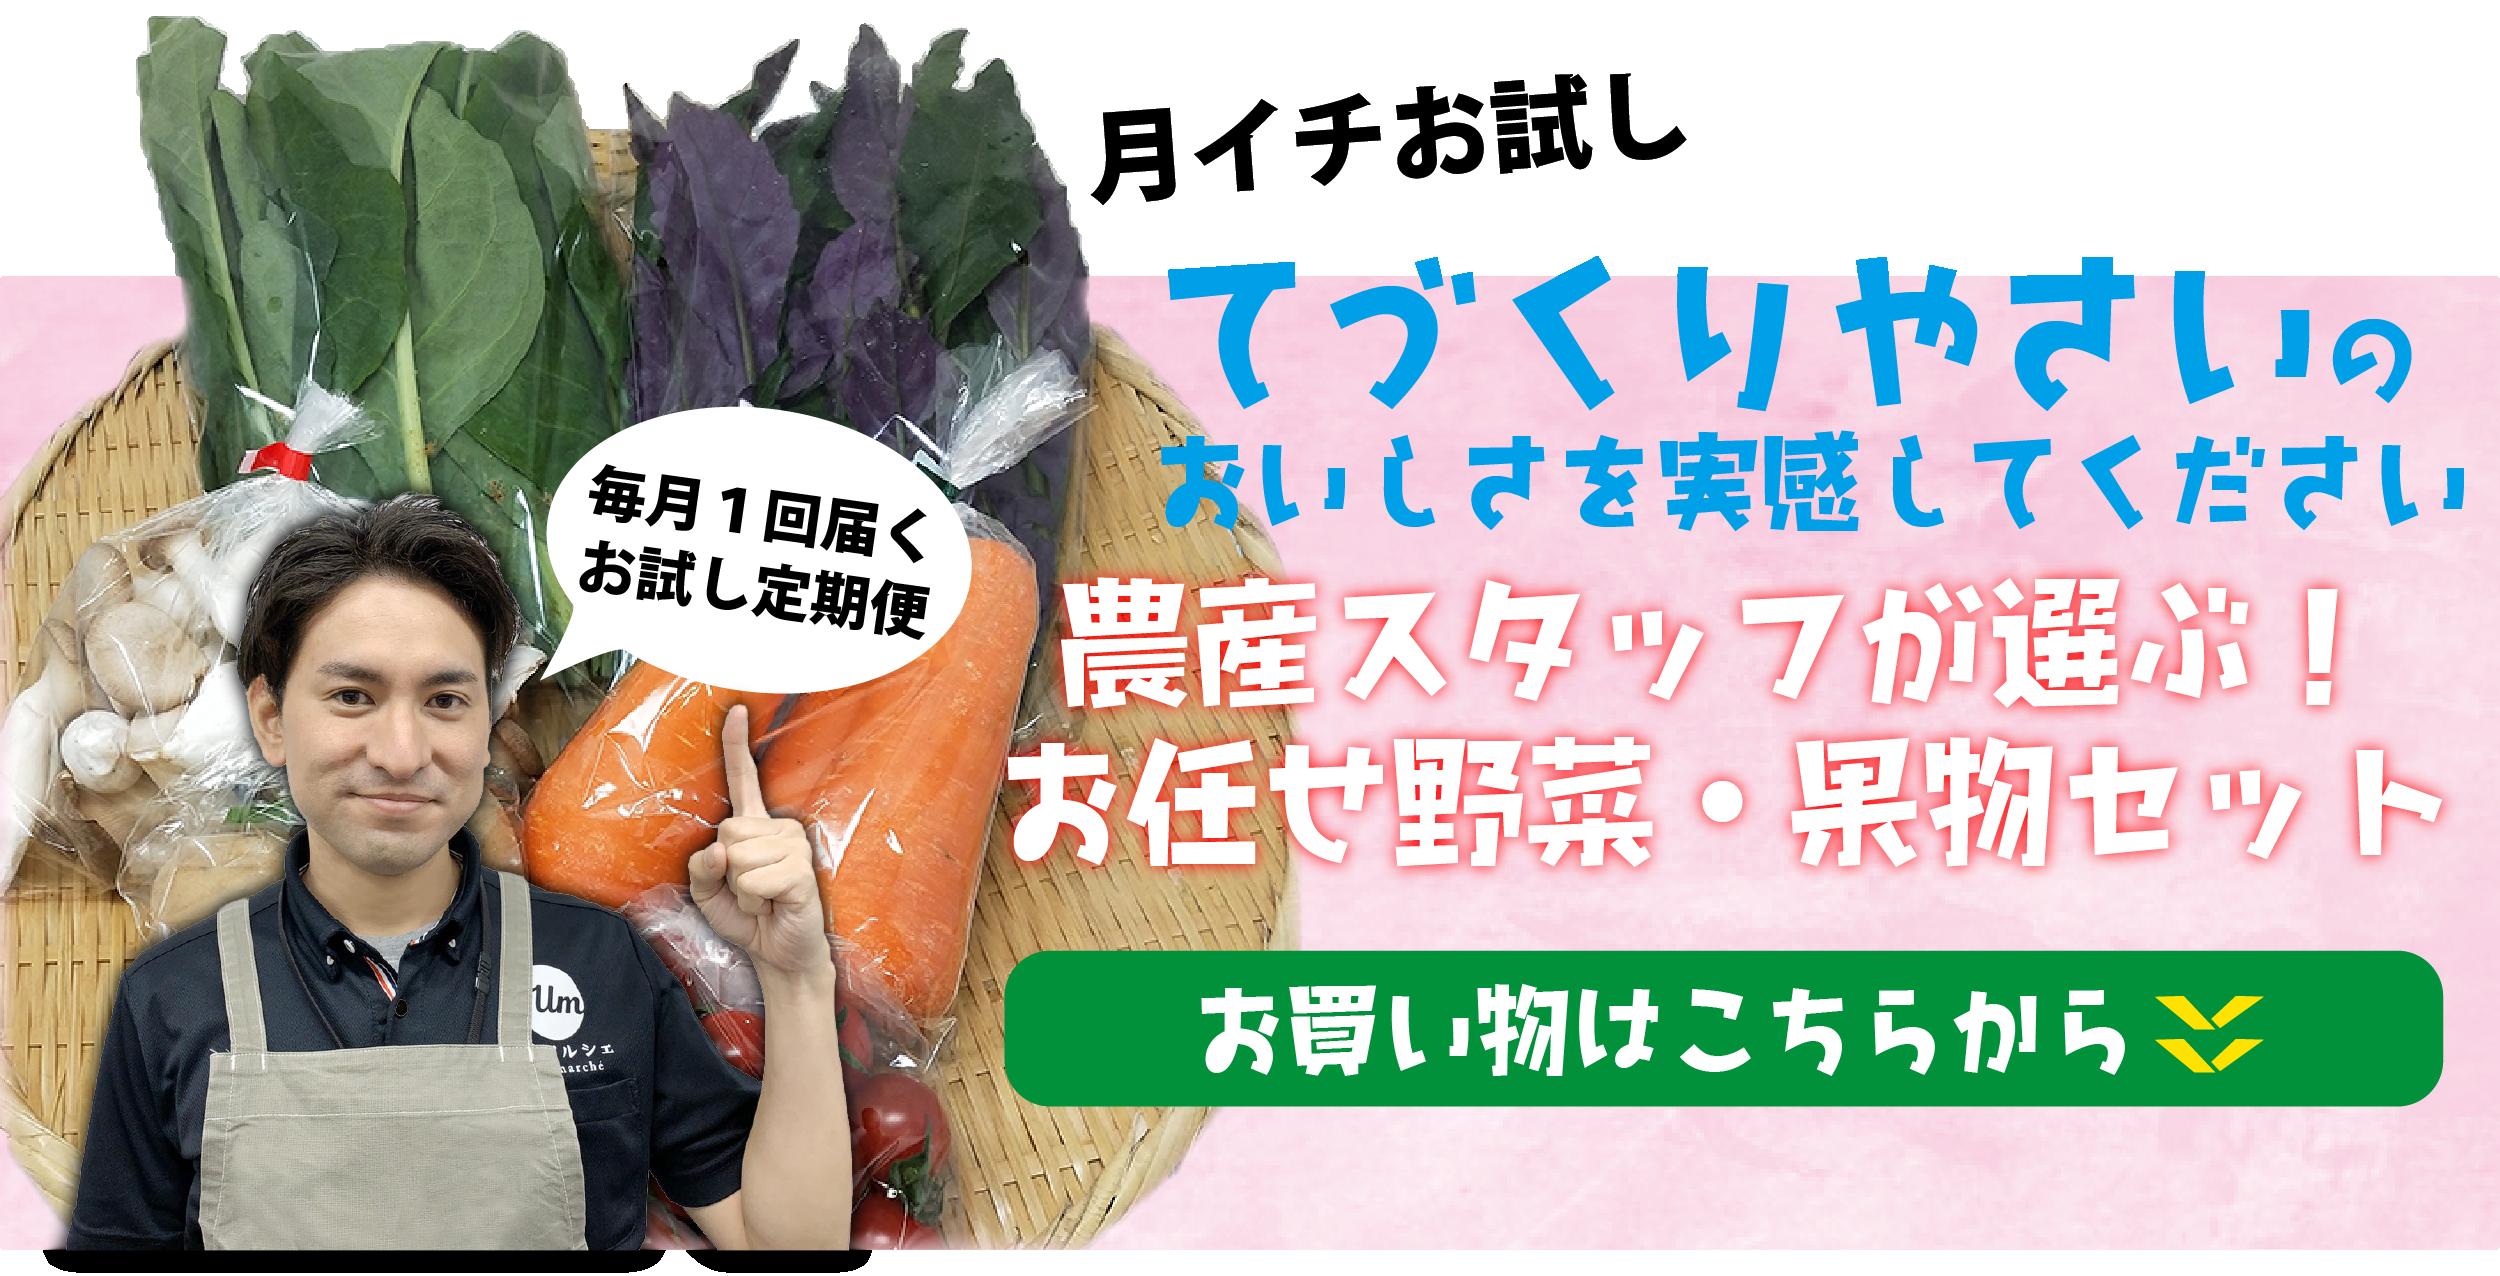 期間限定通販オープン記念!てづくりやさいのおいしさを実感してください|農産酢sたっふが選ぶ!おまかせ野菜・果物セット